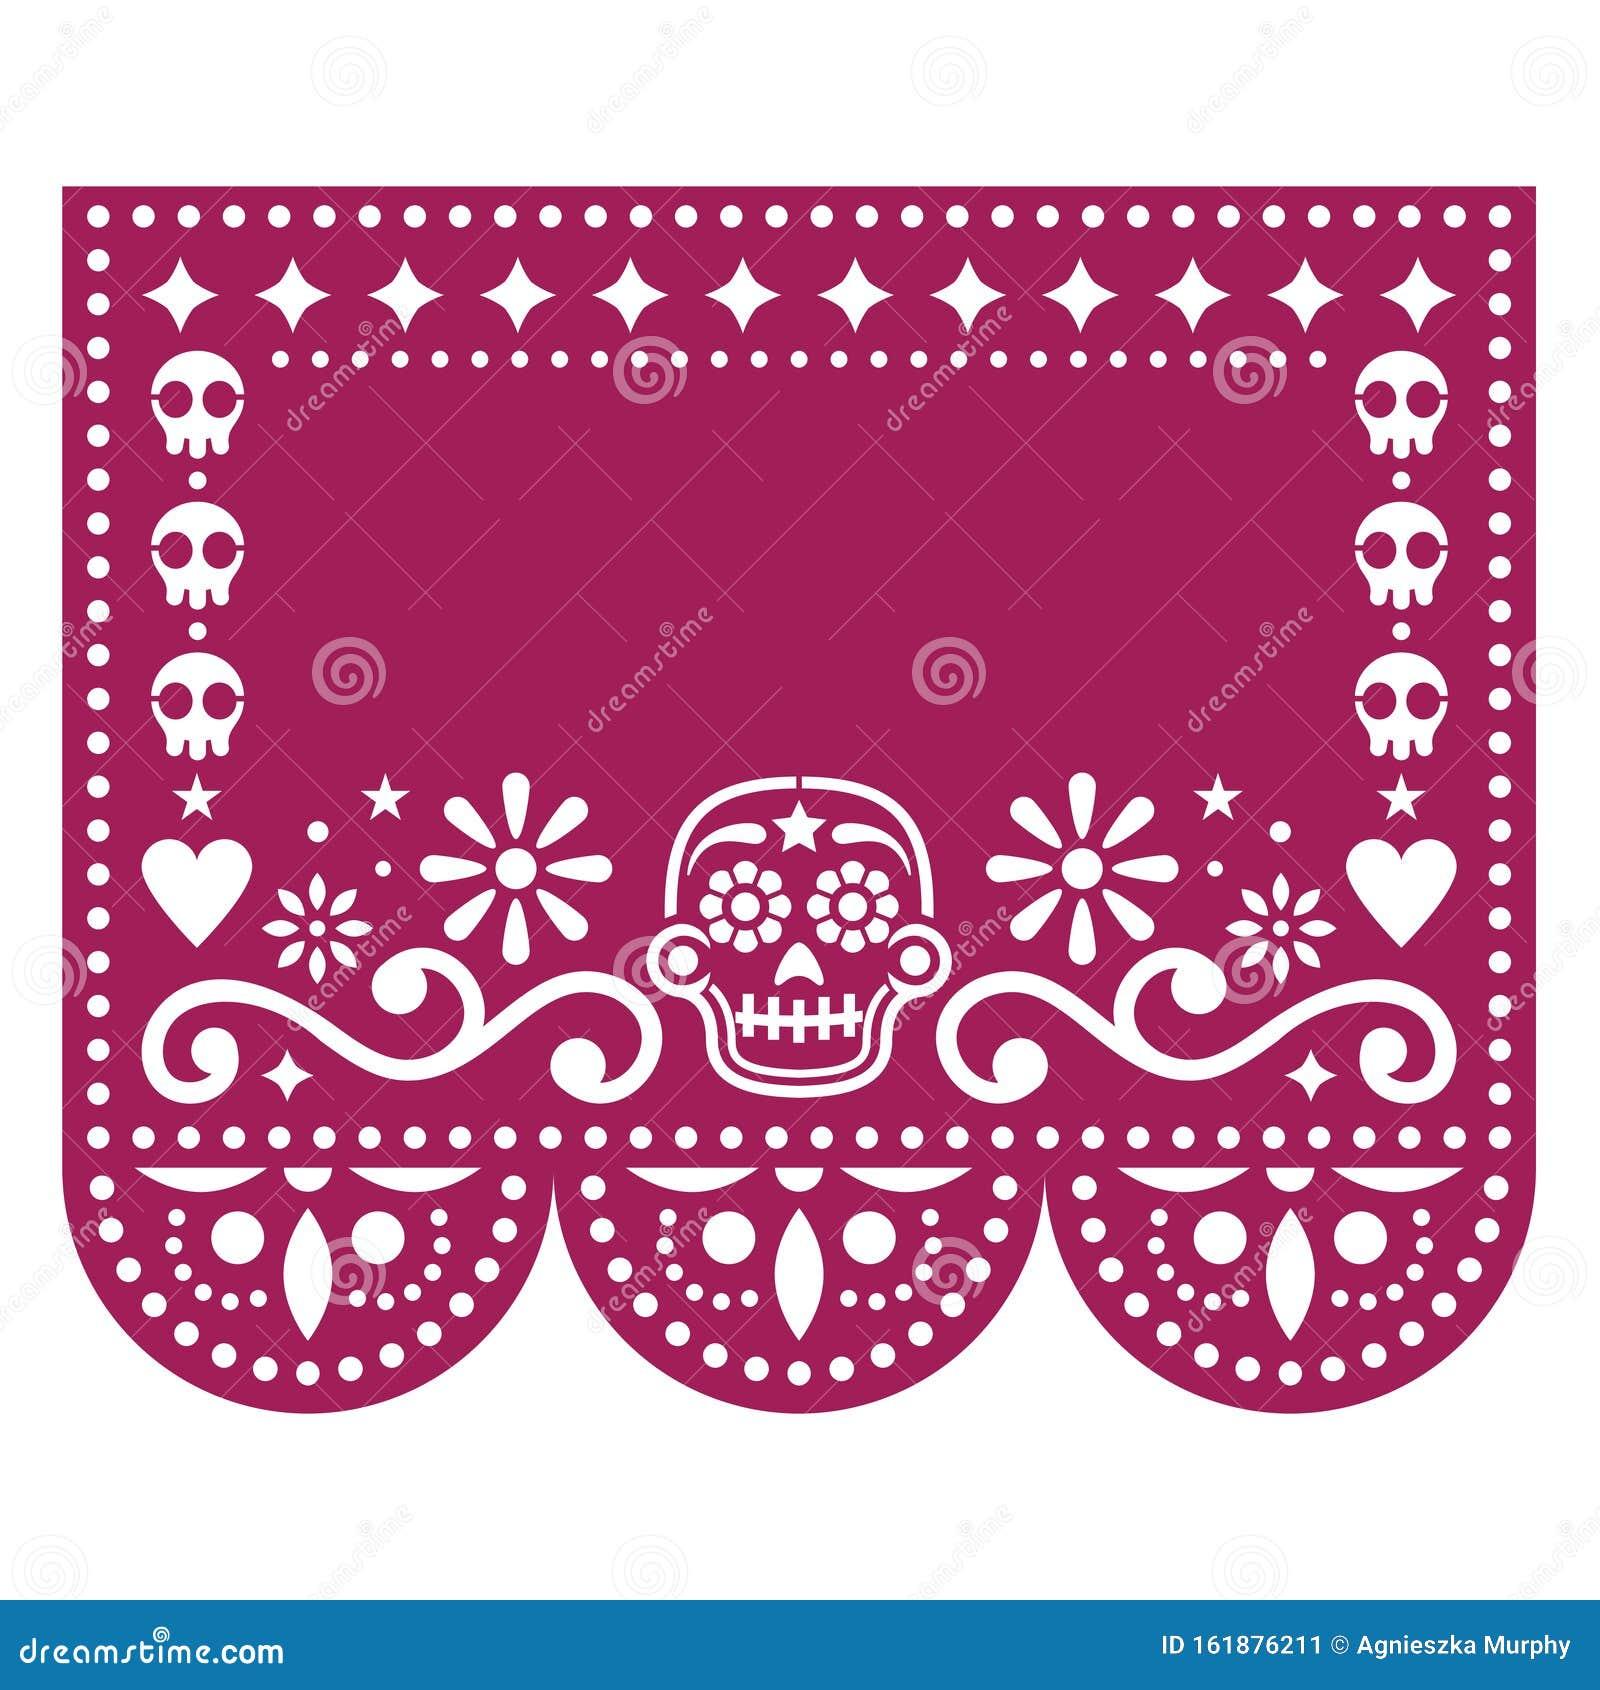 Papel Picado Template Design With Sugar Skulls, Mexican